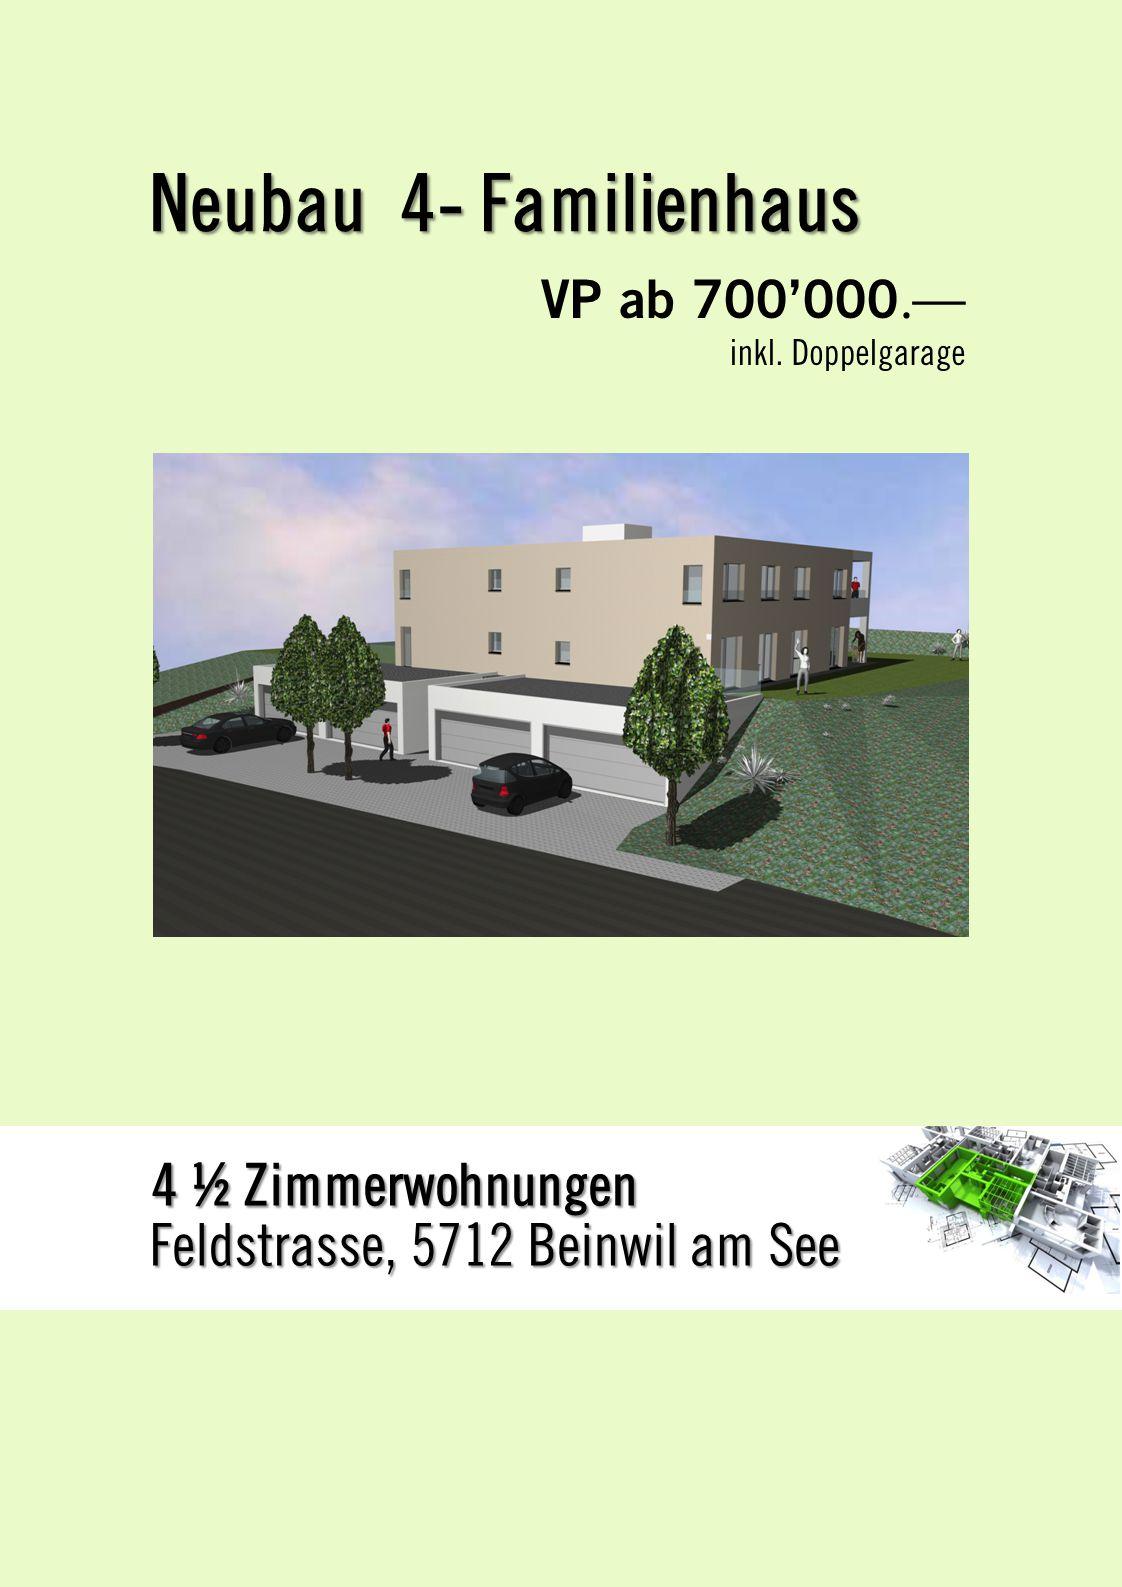 Neubau 4- Familienhaus 4 ½ Zimmerwohnungen